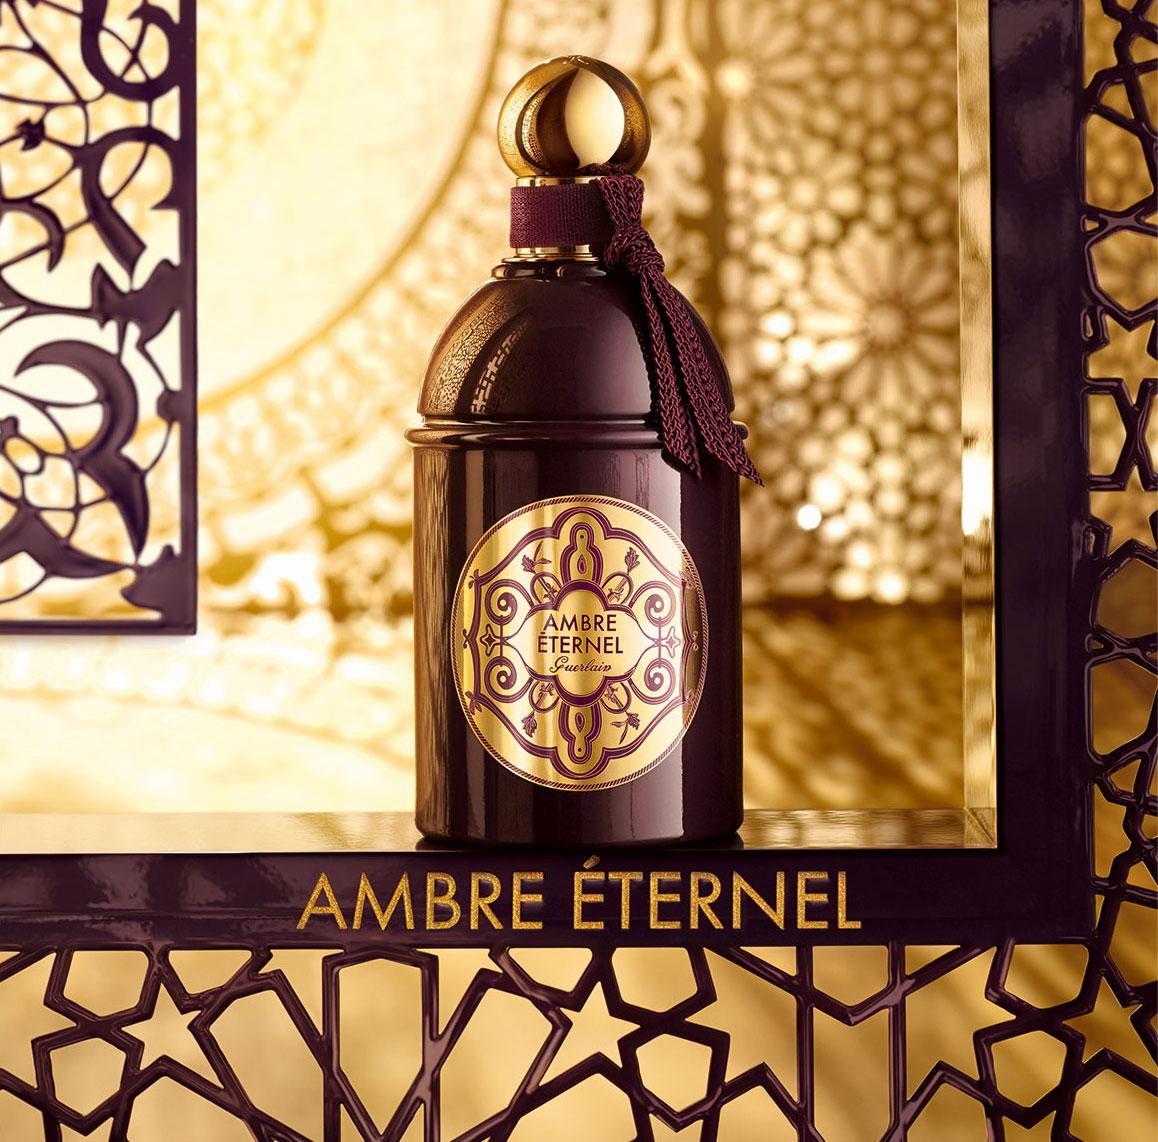 ambre-eternel-guerlain-parfum-2016